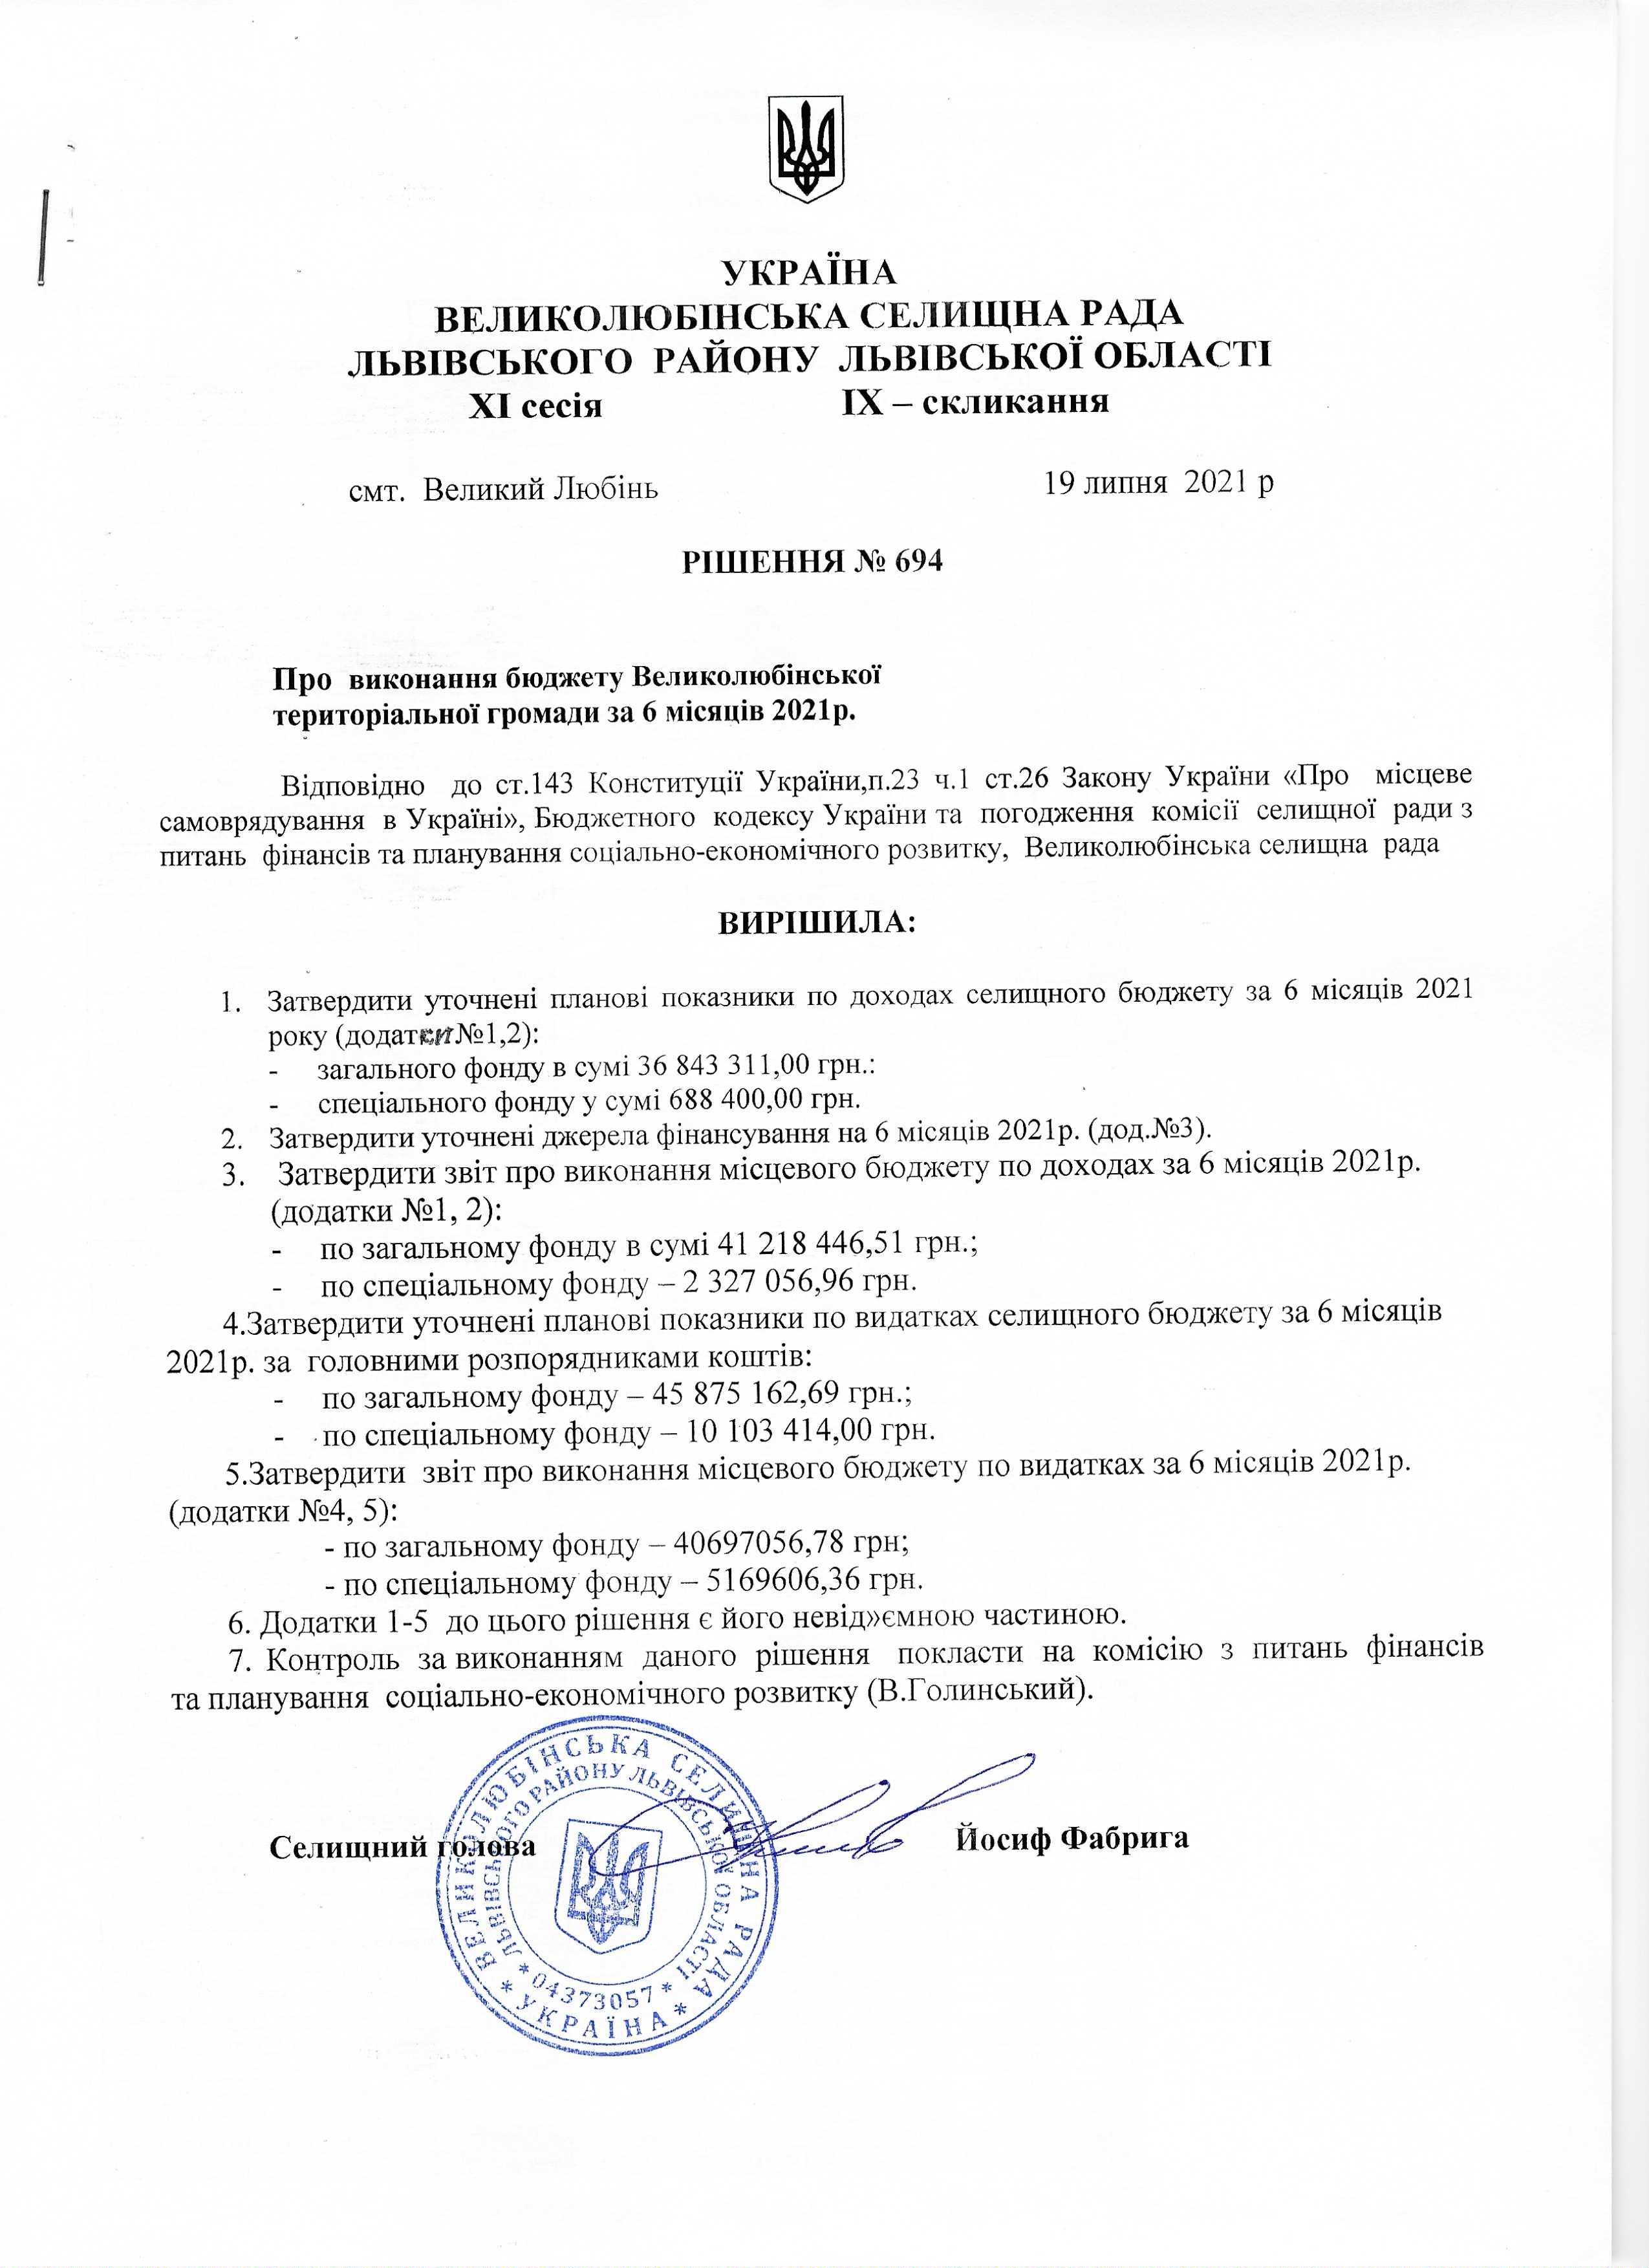 Рішення Про виконання бюджету з Великолюбінської територіальної громади за 6 місяців 2021р.